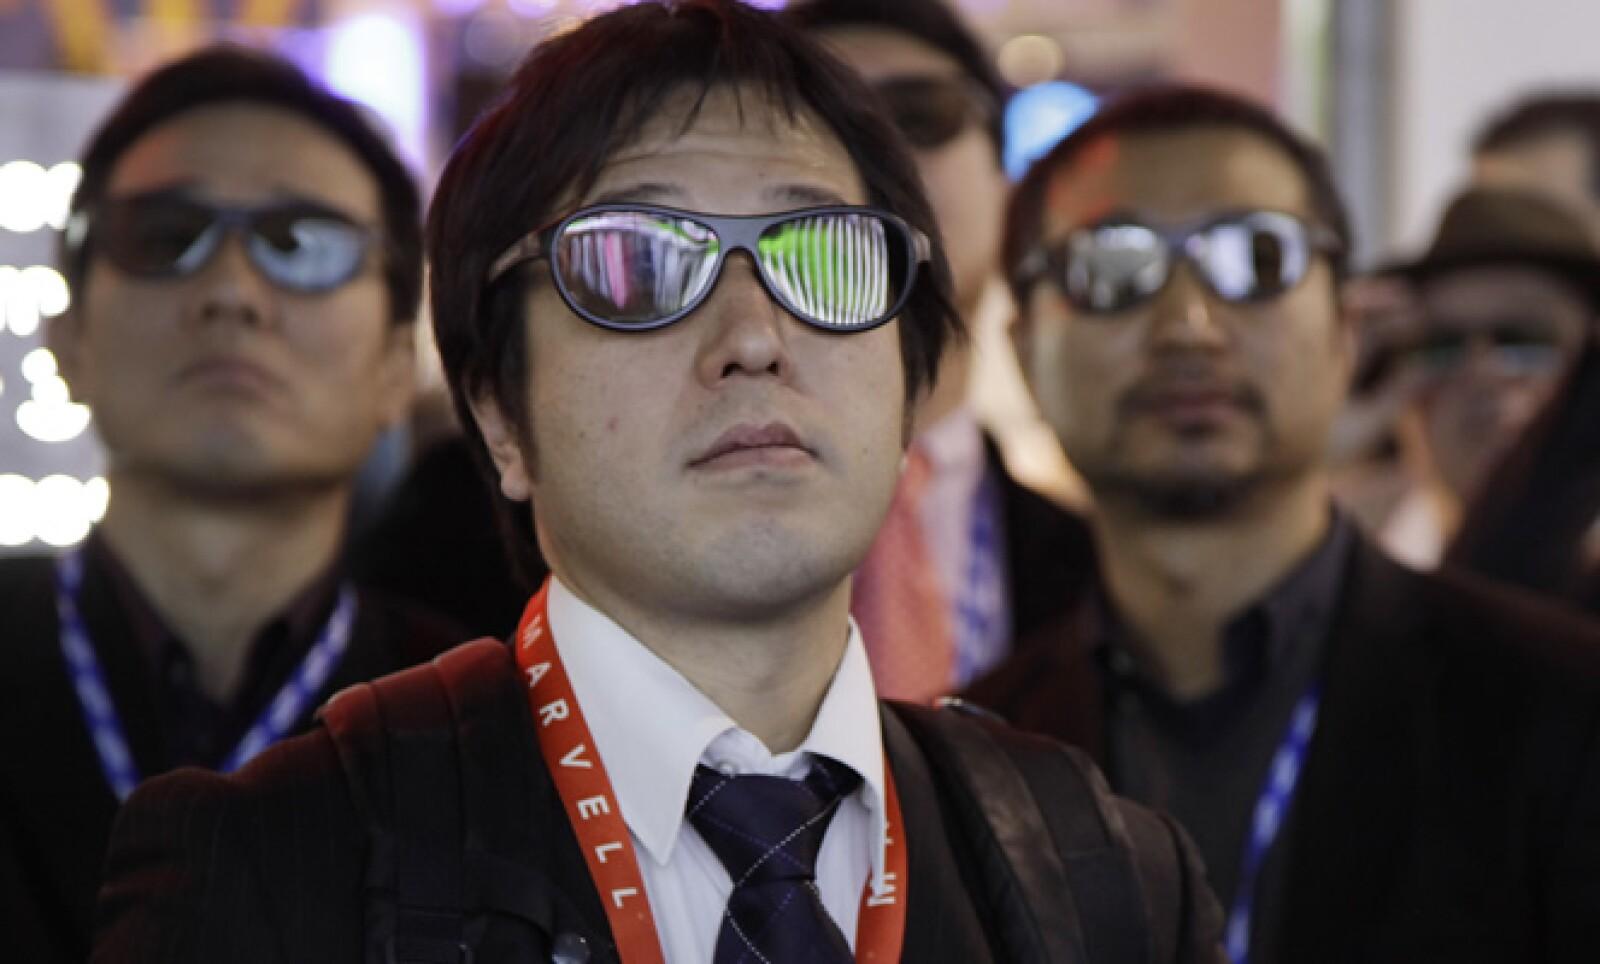 Asistentes a la convención se reúnen para ver una demostración en 3D de LG.